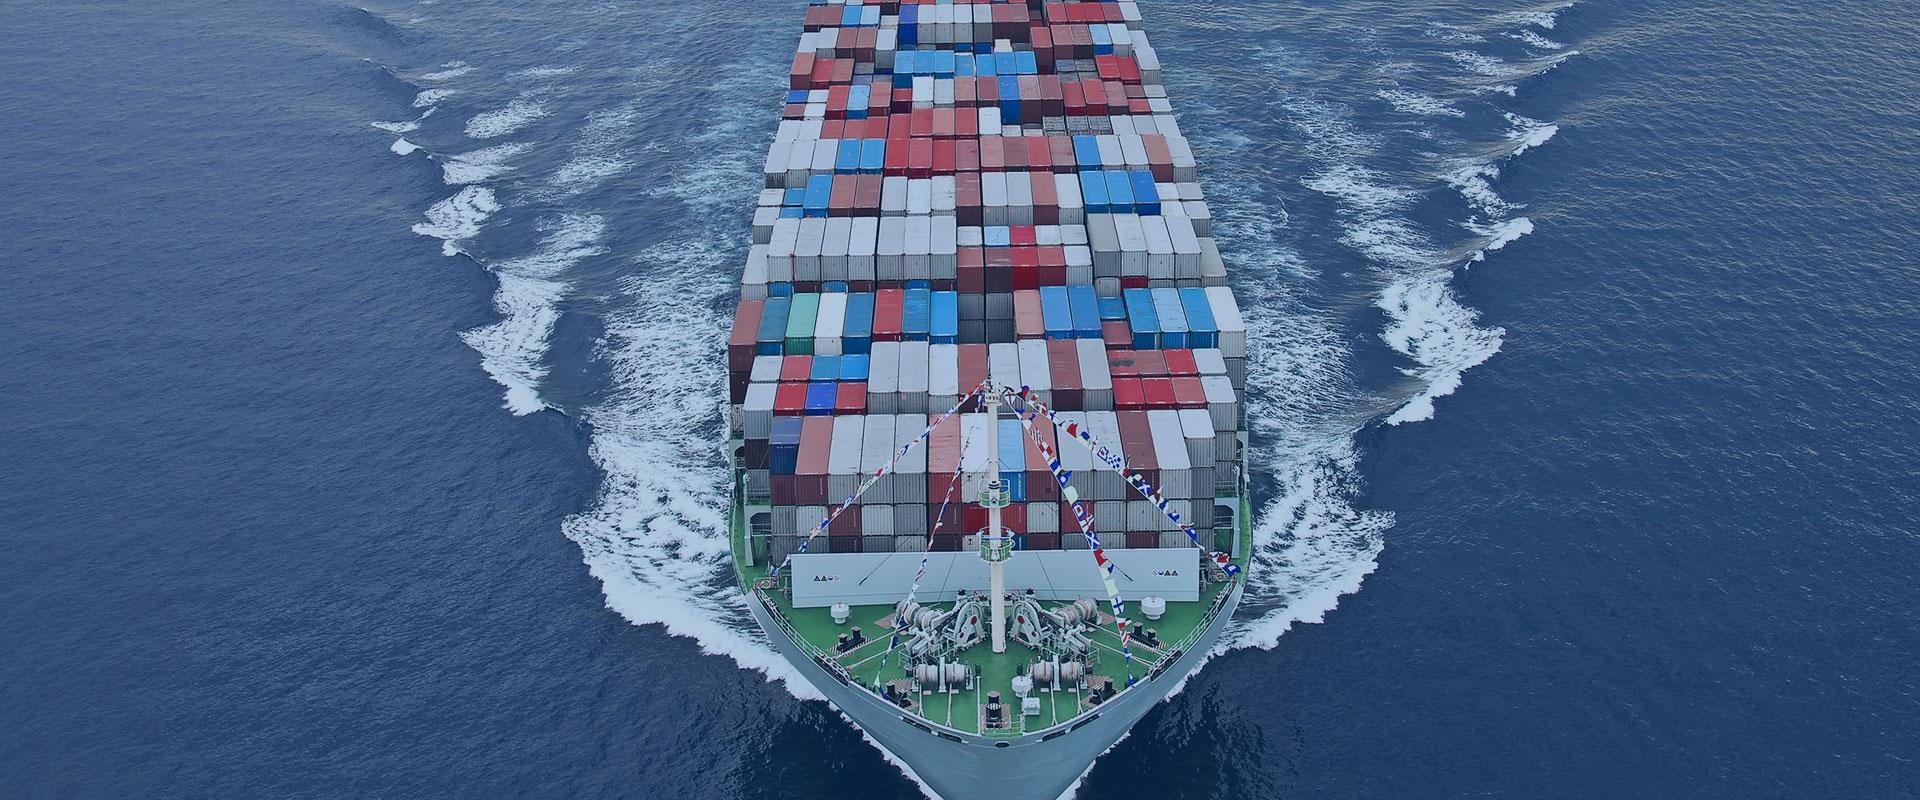 Capa banner-01.jpg - Seguro de Cascos Marítimos